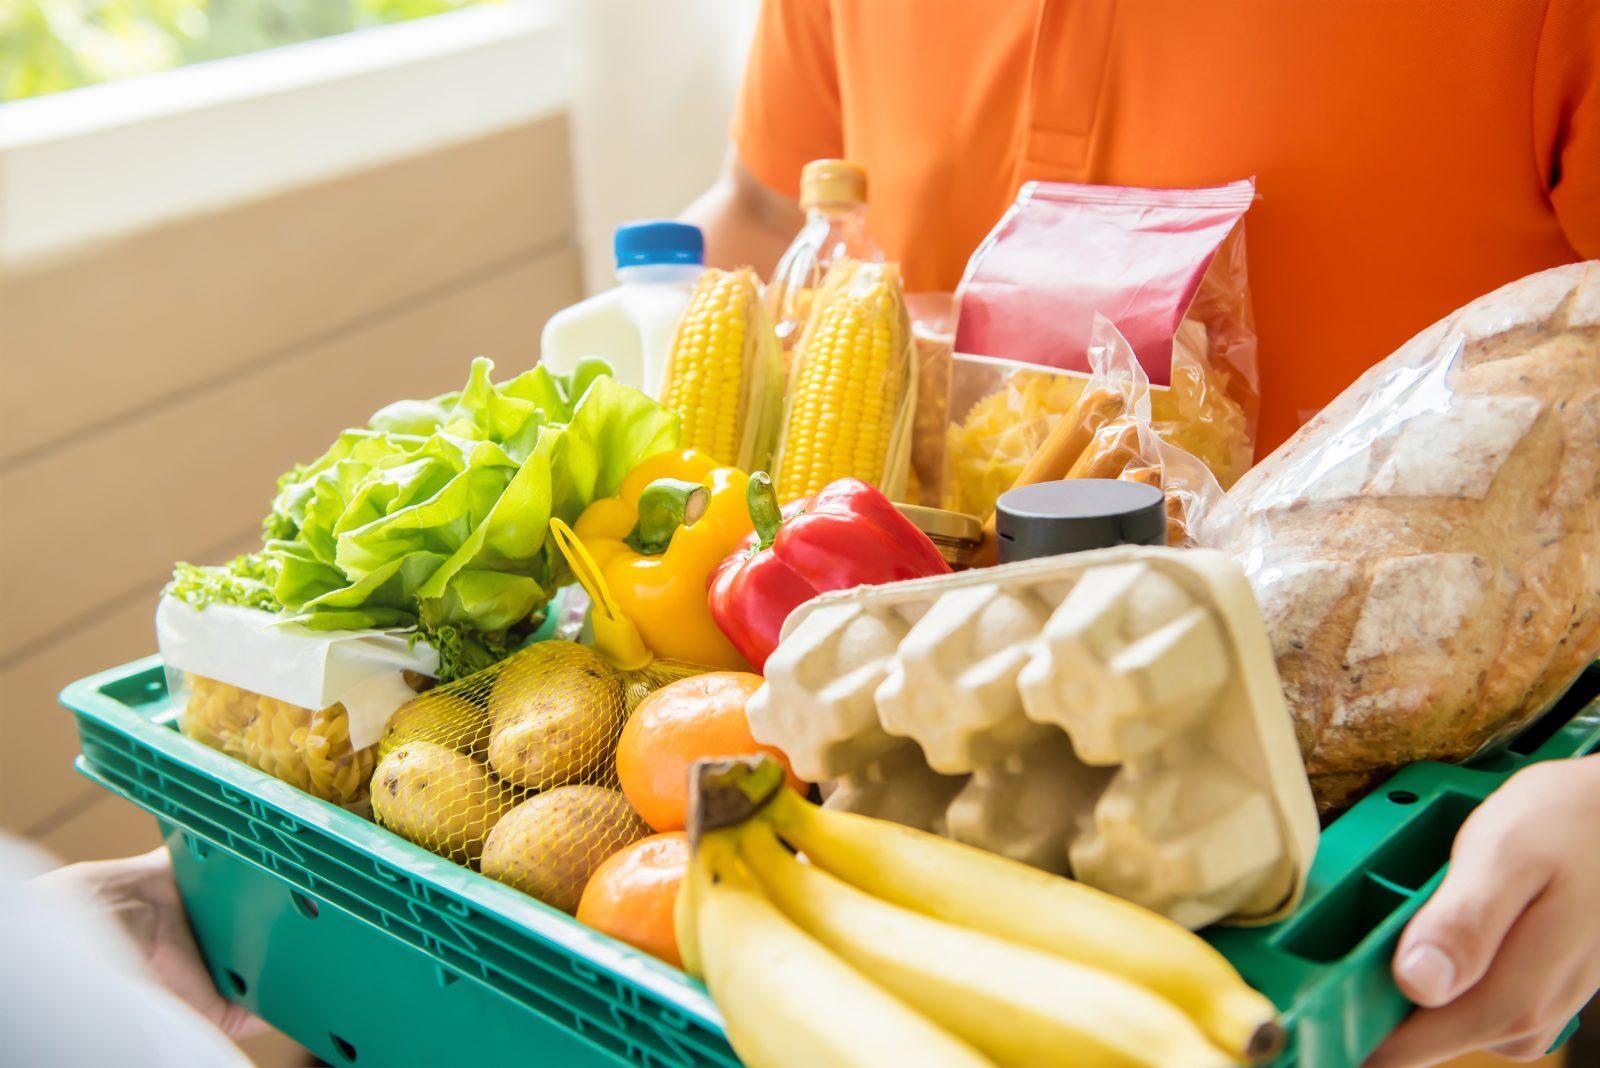 Un service d'aide alimentaire d'urgence pour ceux dans le besoin